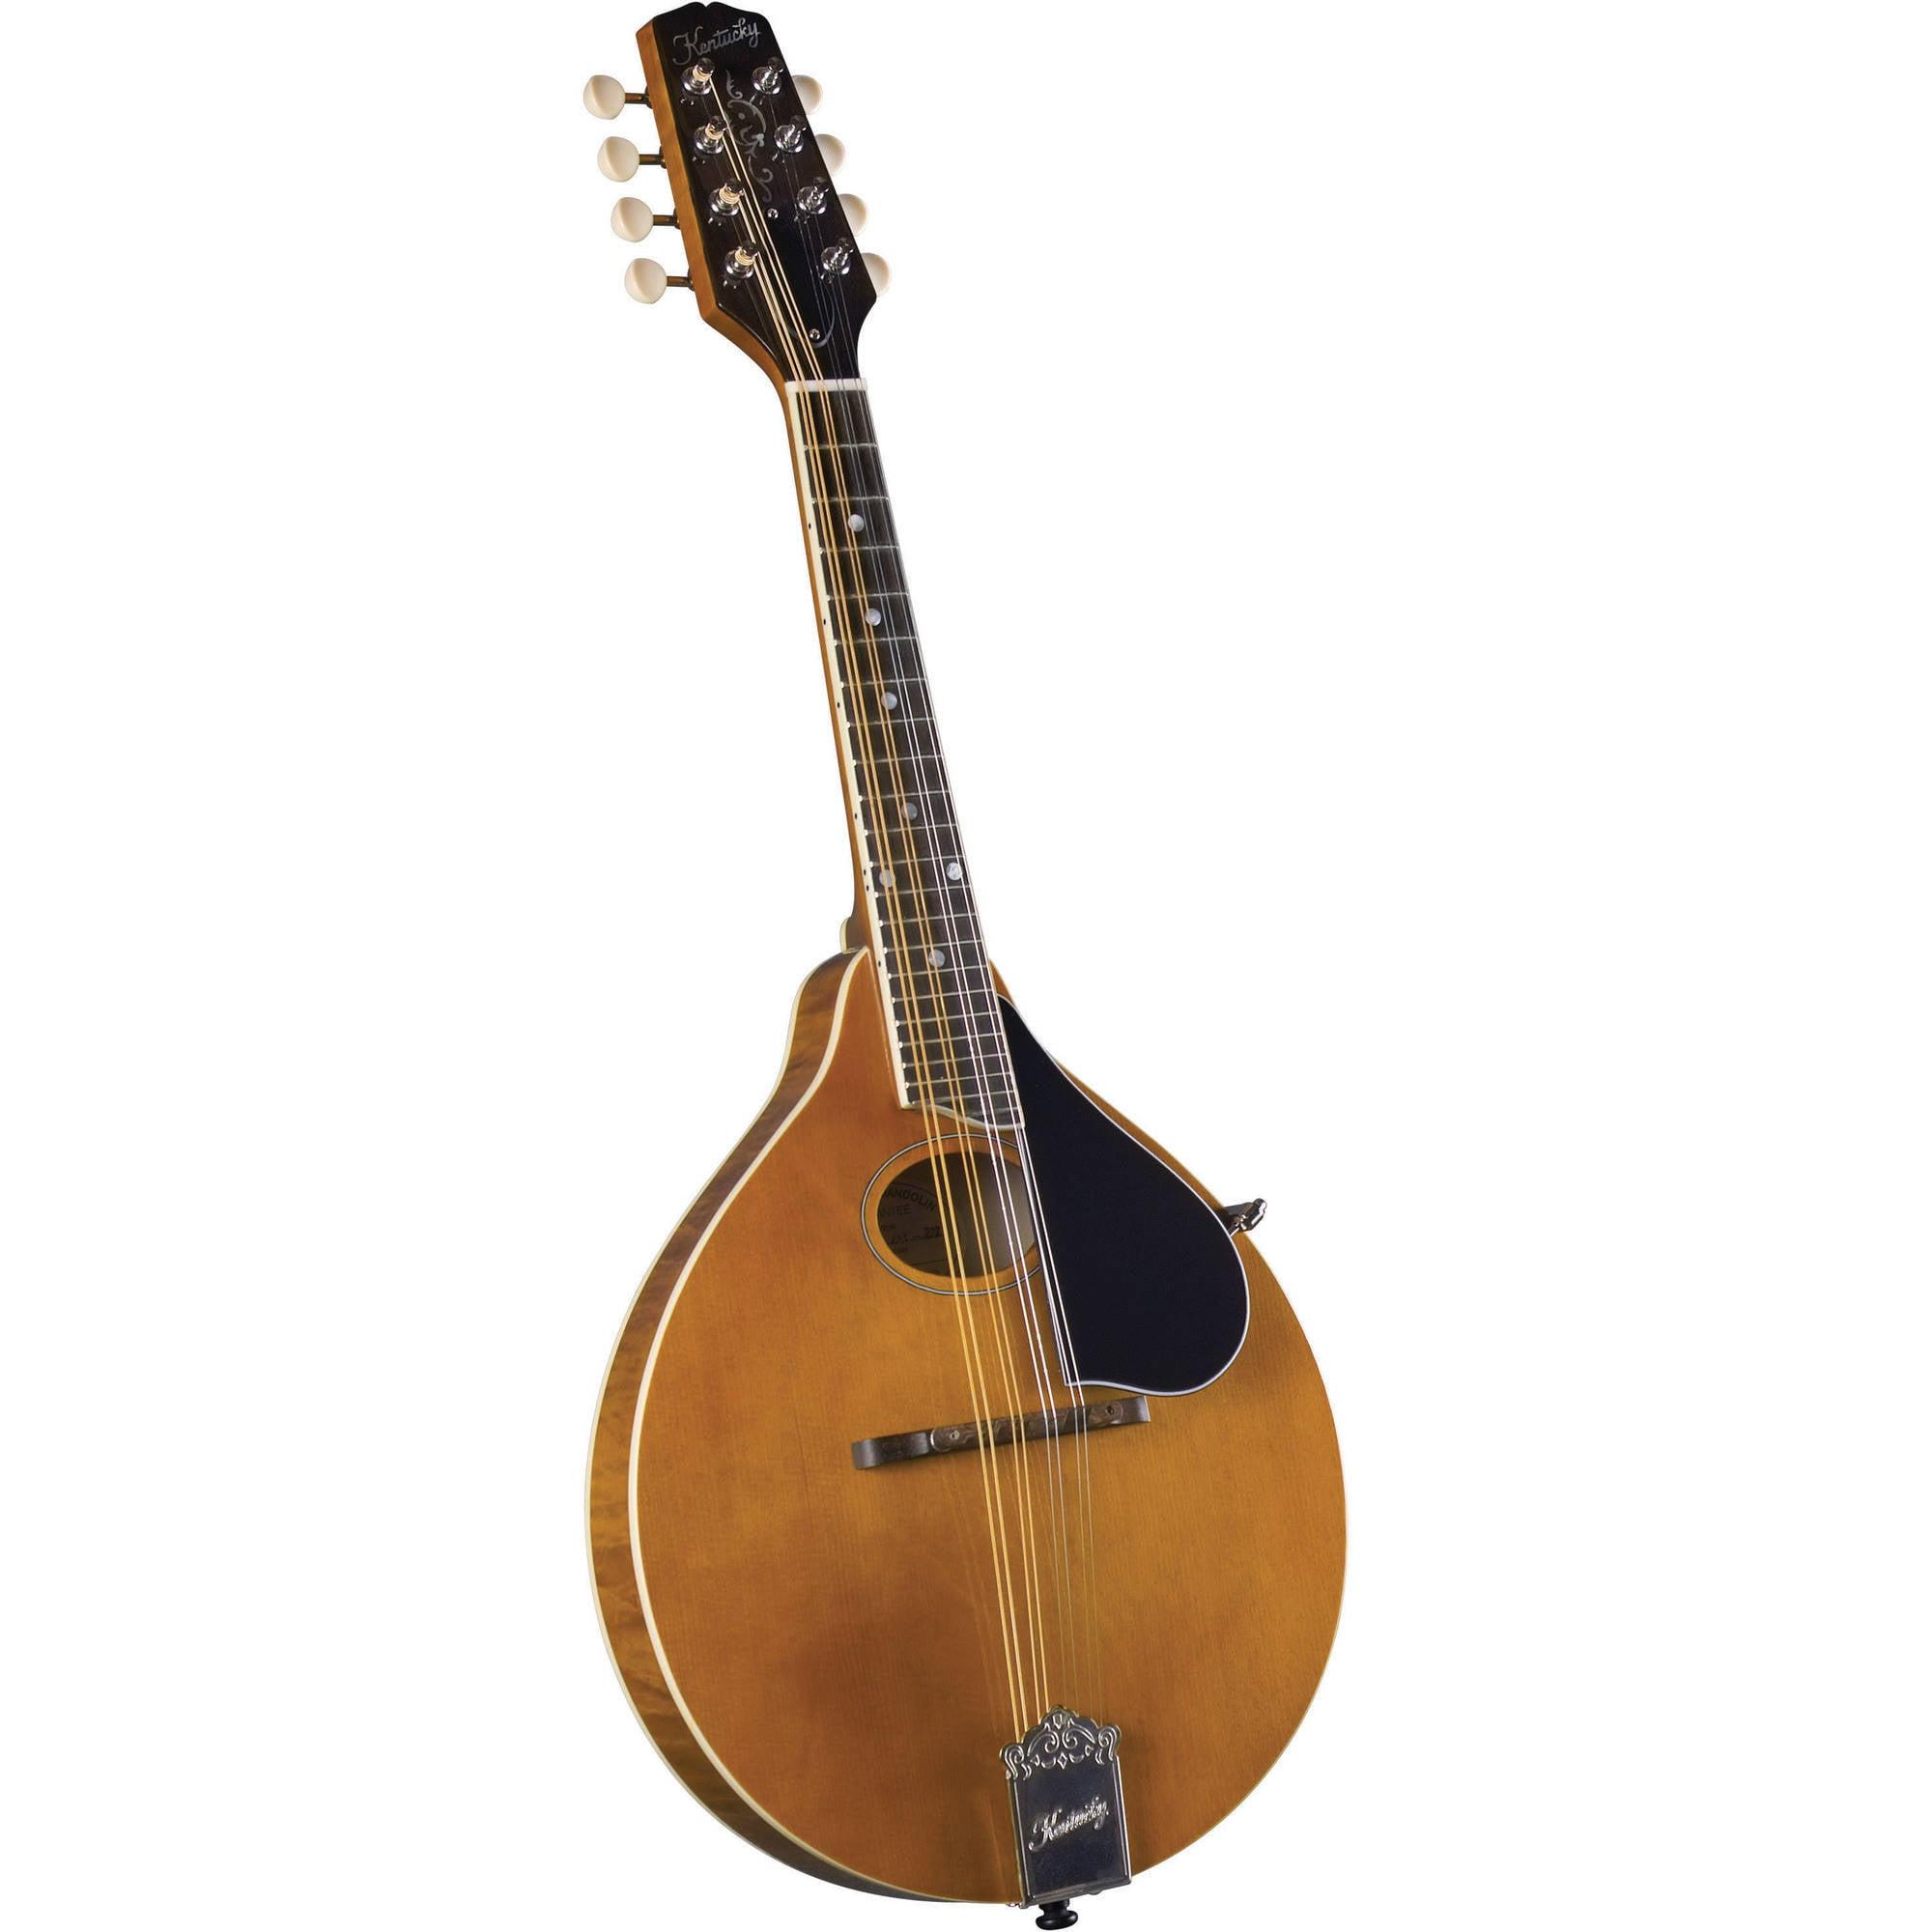 Kentucky KM-272 Artist Oval Hole A-Model Mandolin, Transparent Amber by Kentucky